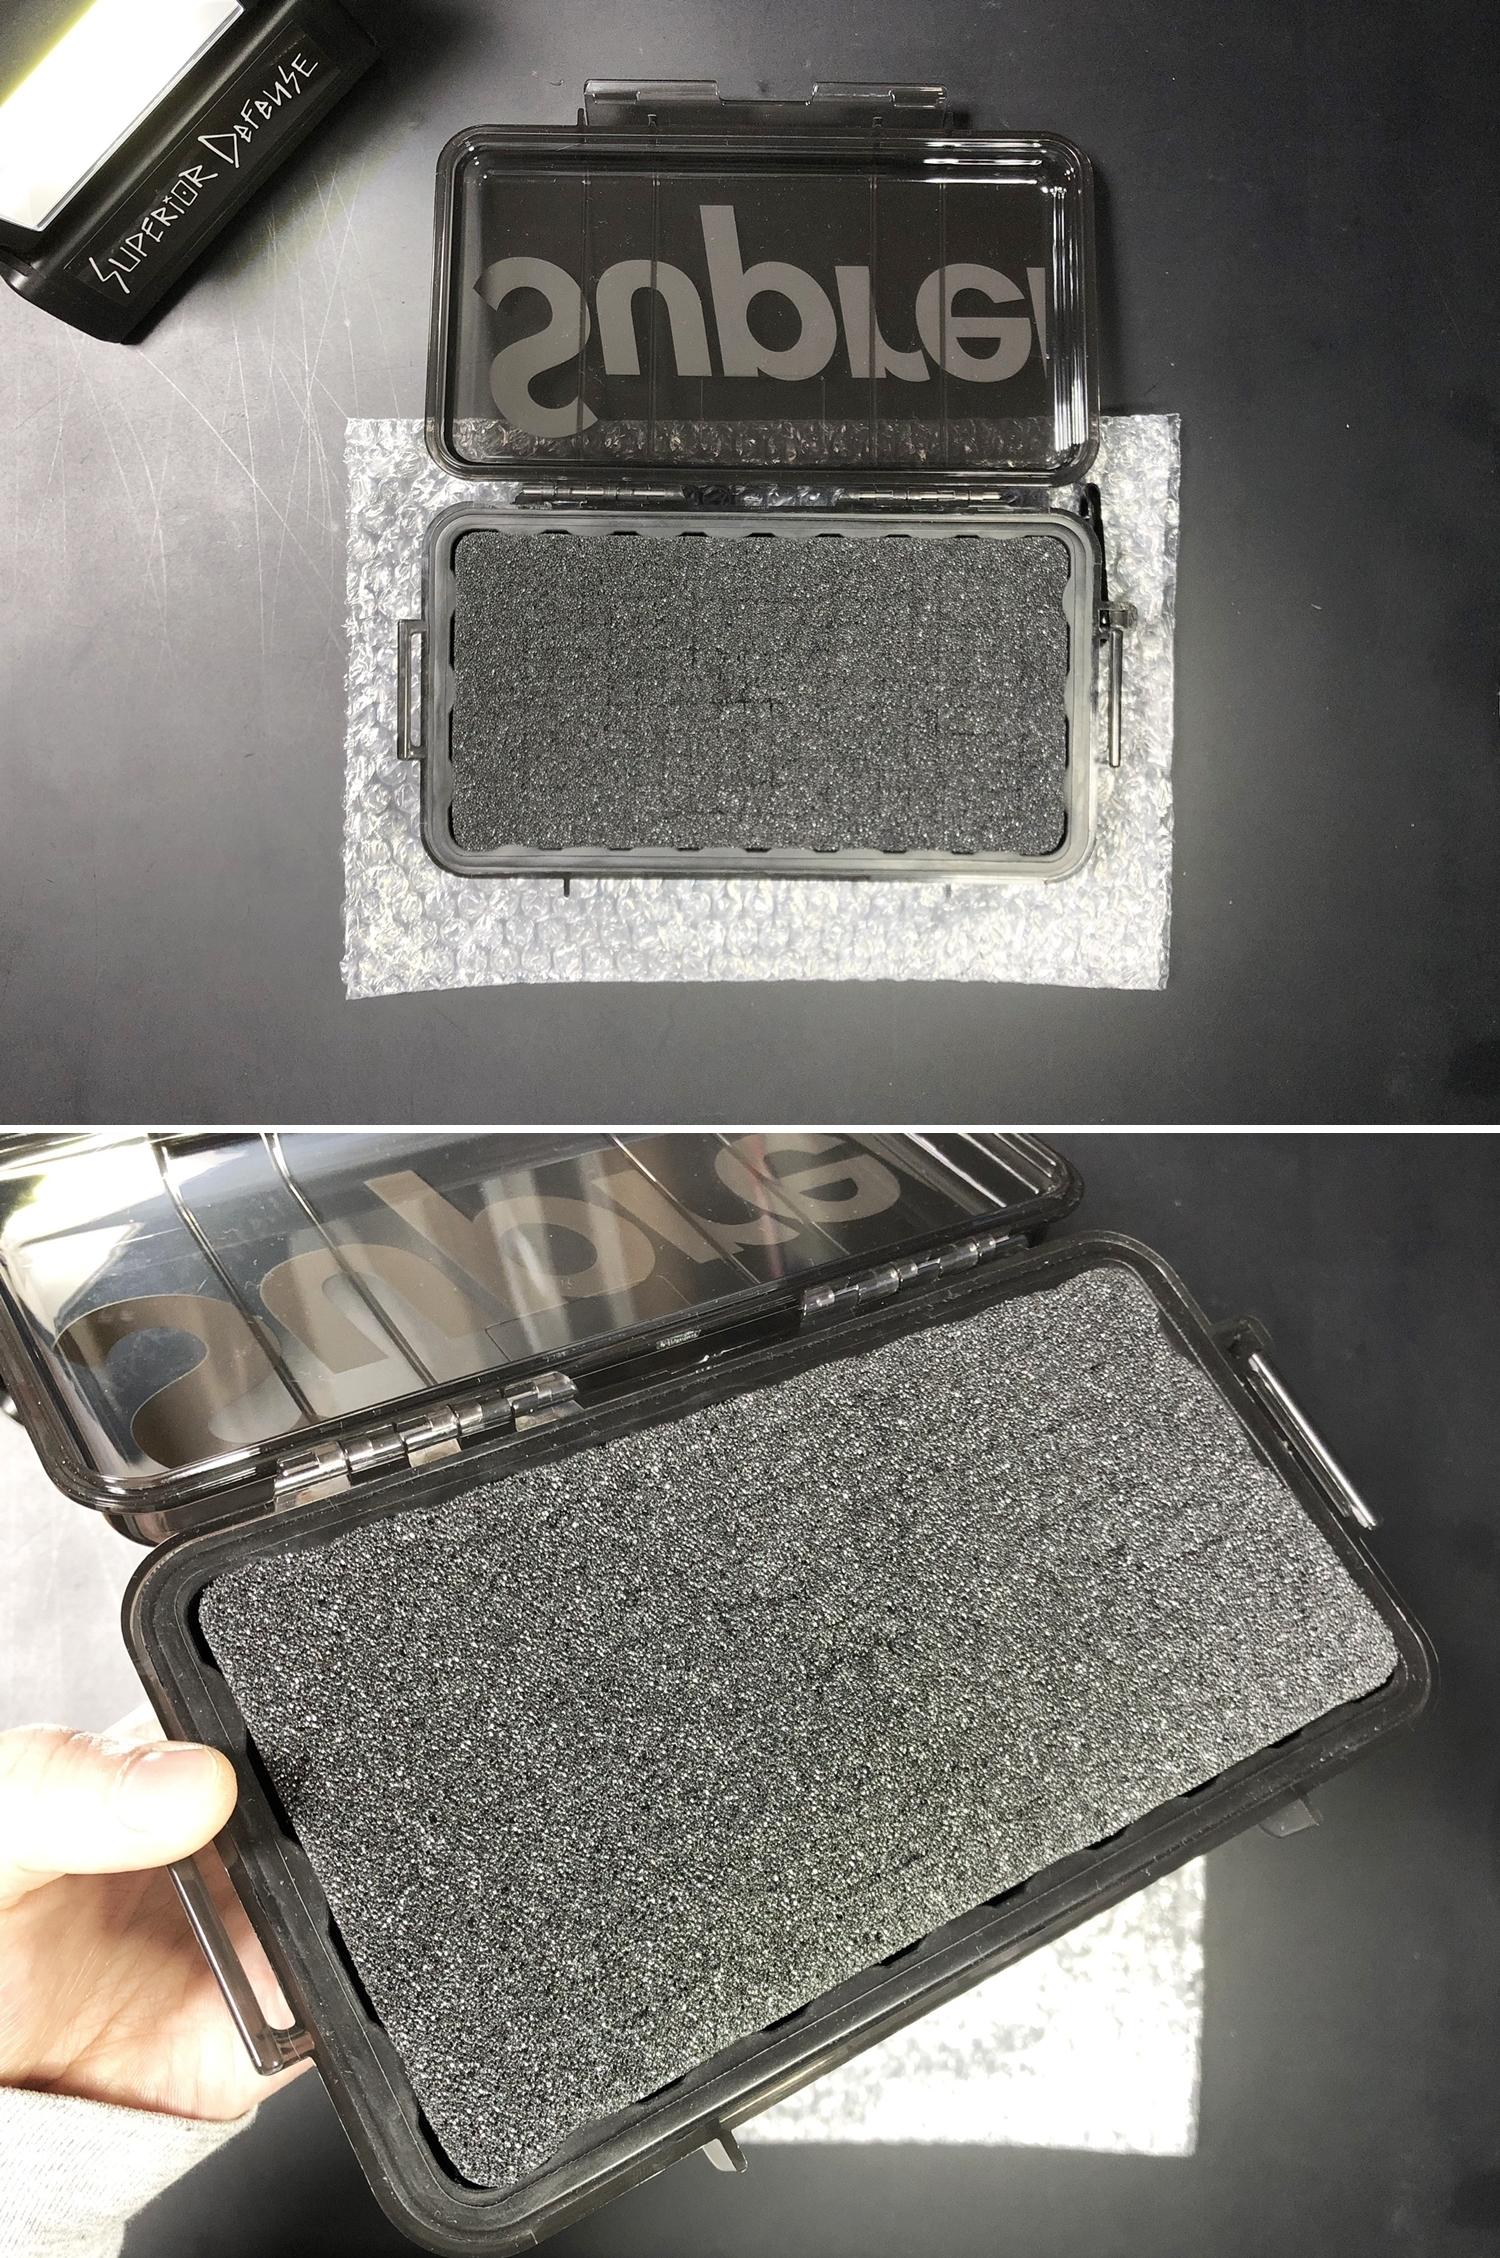 8 SUPREME × PELICAN 1060 CASE URETHANE FOAM DIY PROJECT CUSTOM シュアファイア シュプリーム ペリカン ハードケース ウレタンフォーム カスタム